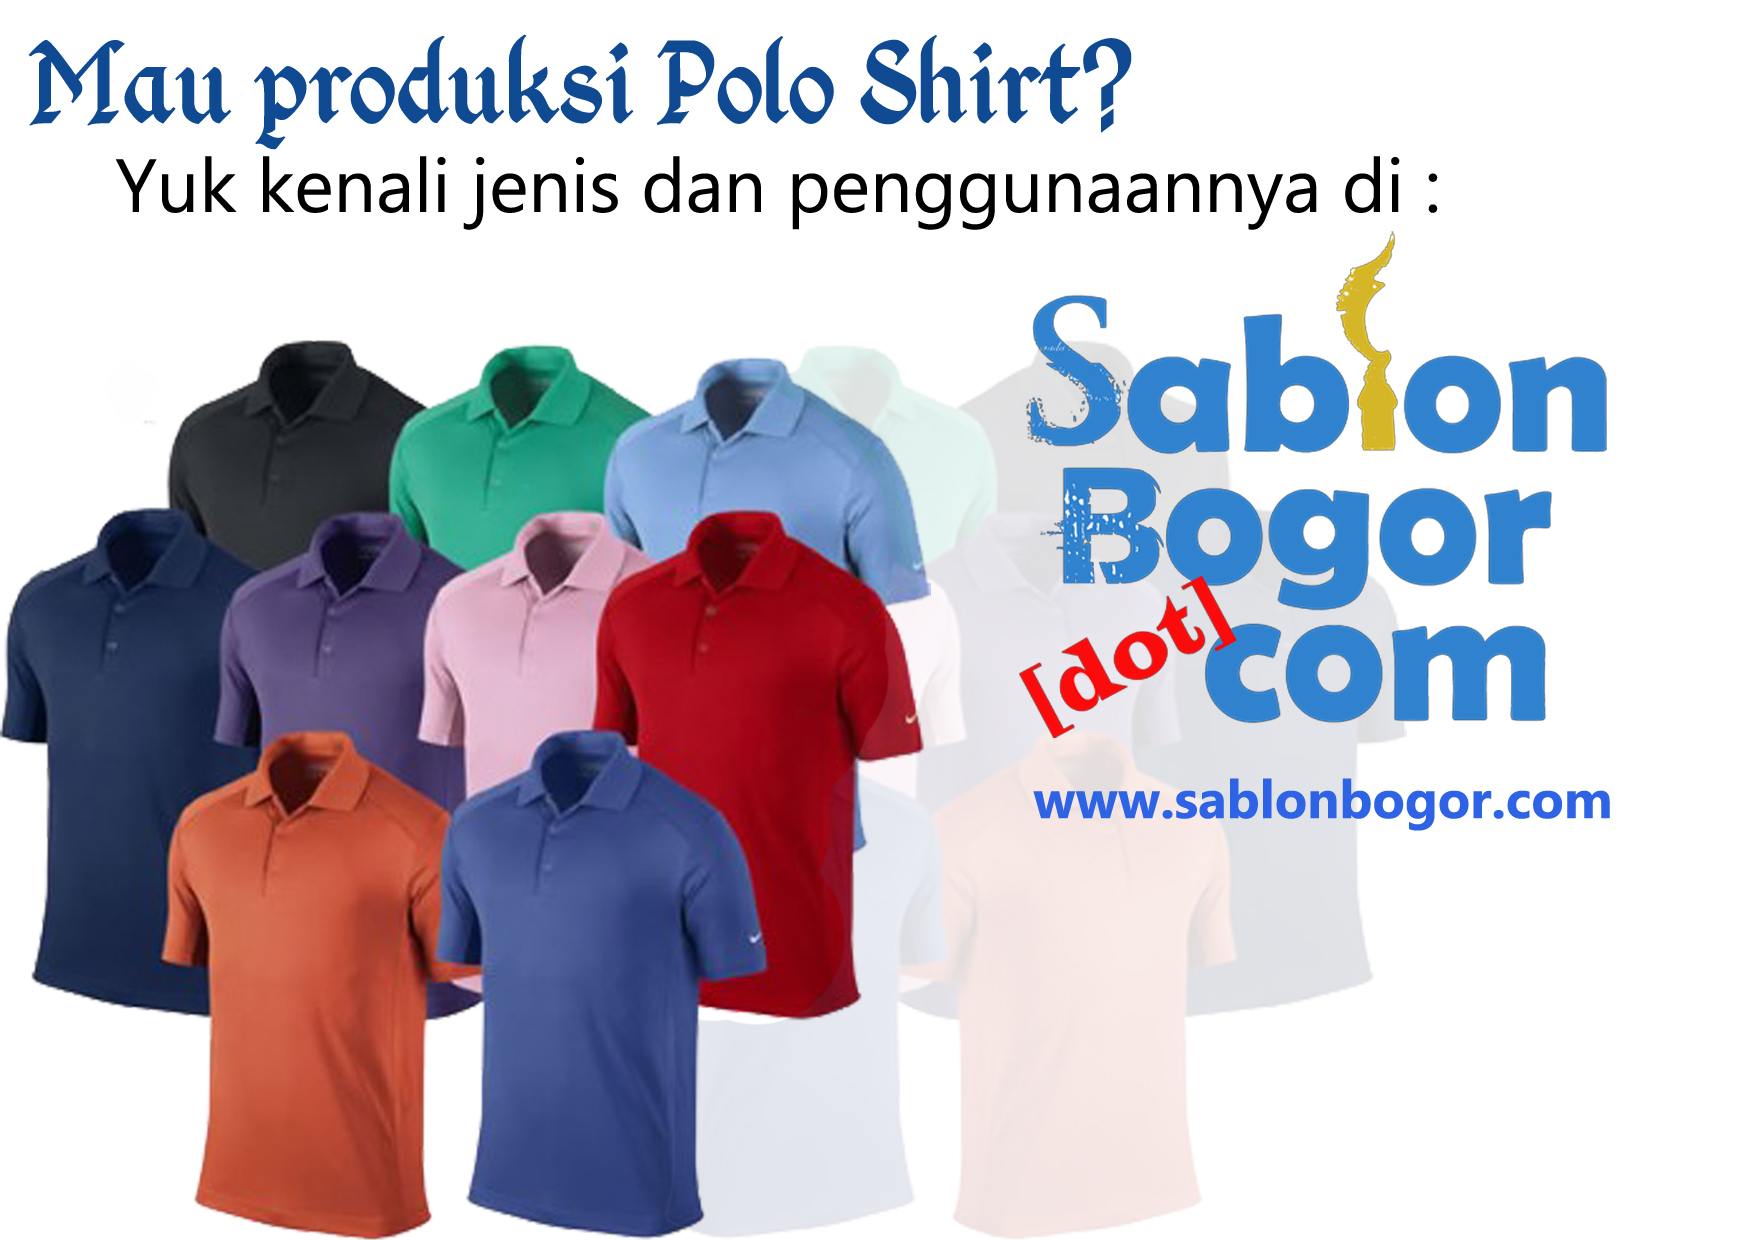 Mengenal jenis dan penggunaan bahan Polo Shirt